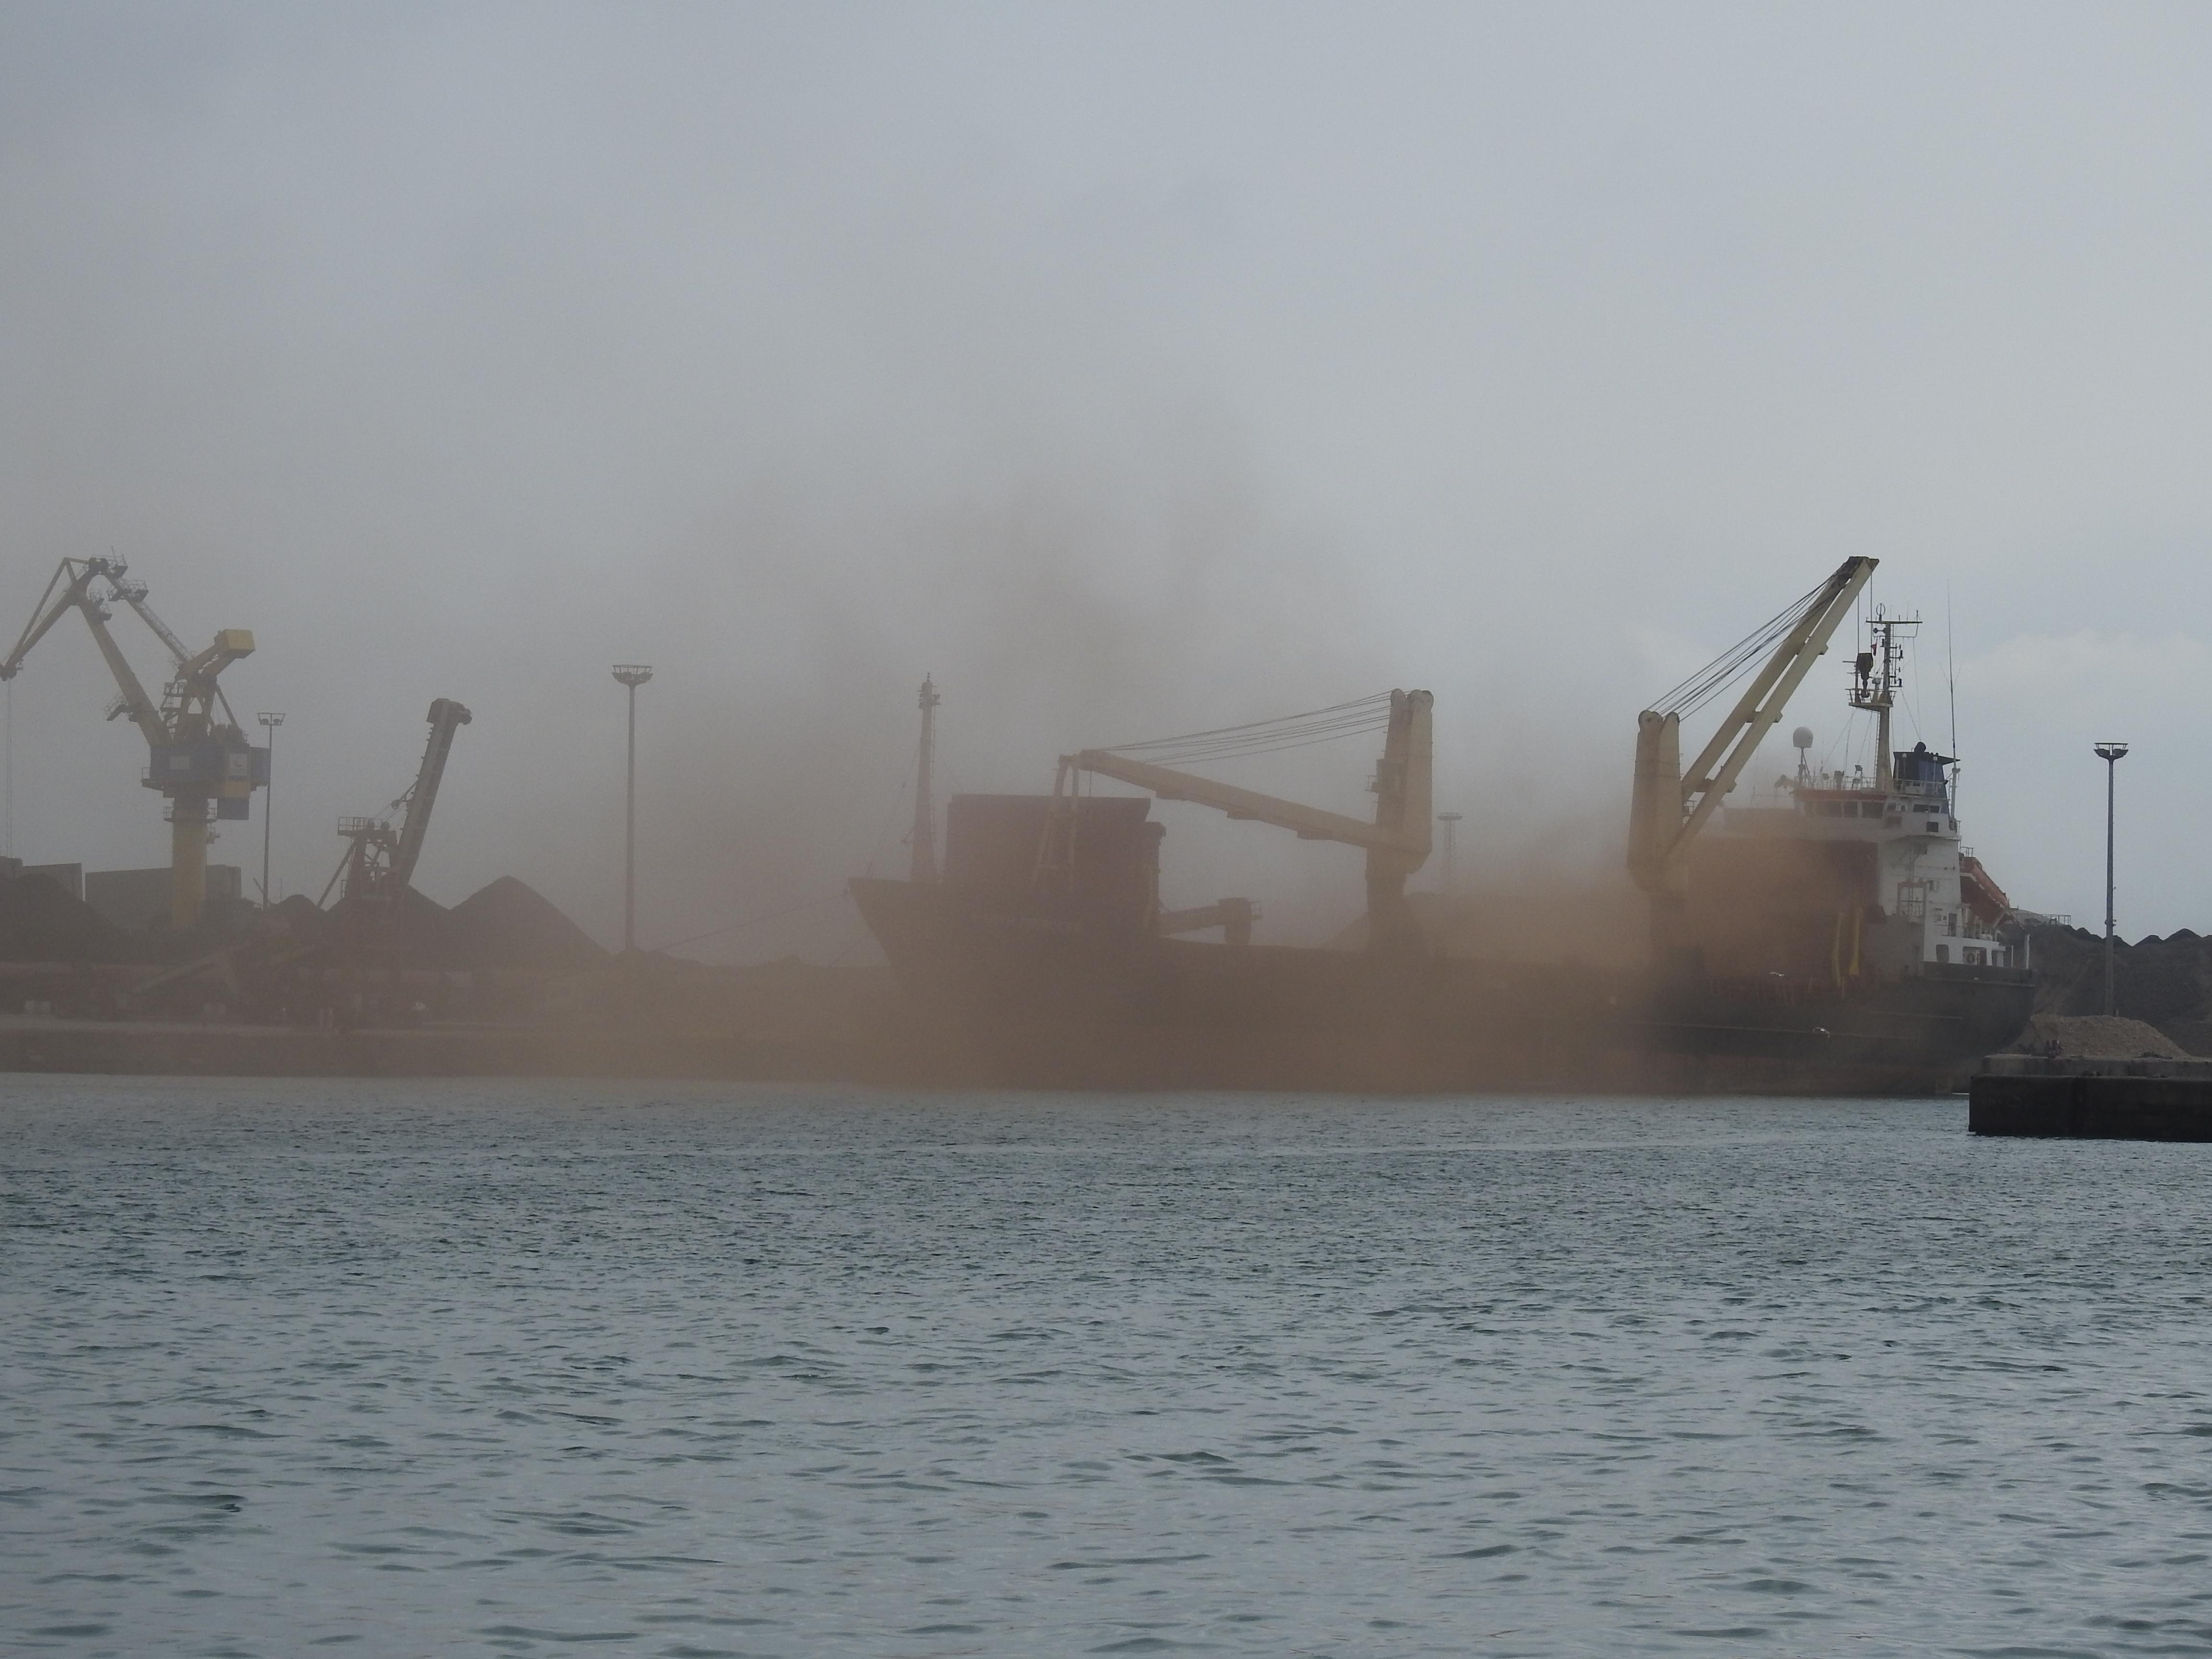 descarga de graneles en el puerto de Benienzar que llega a Melilla como contaminación atmosférica